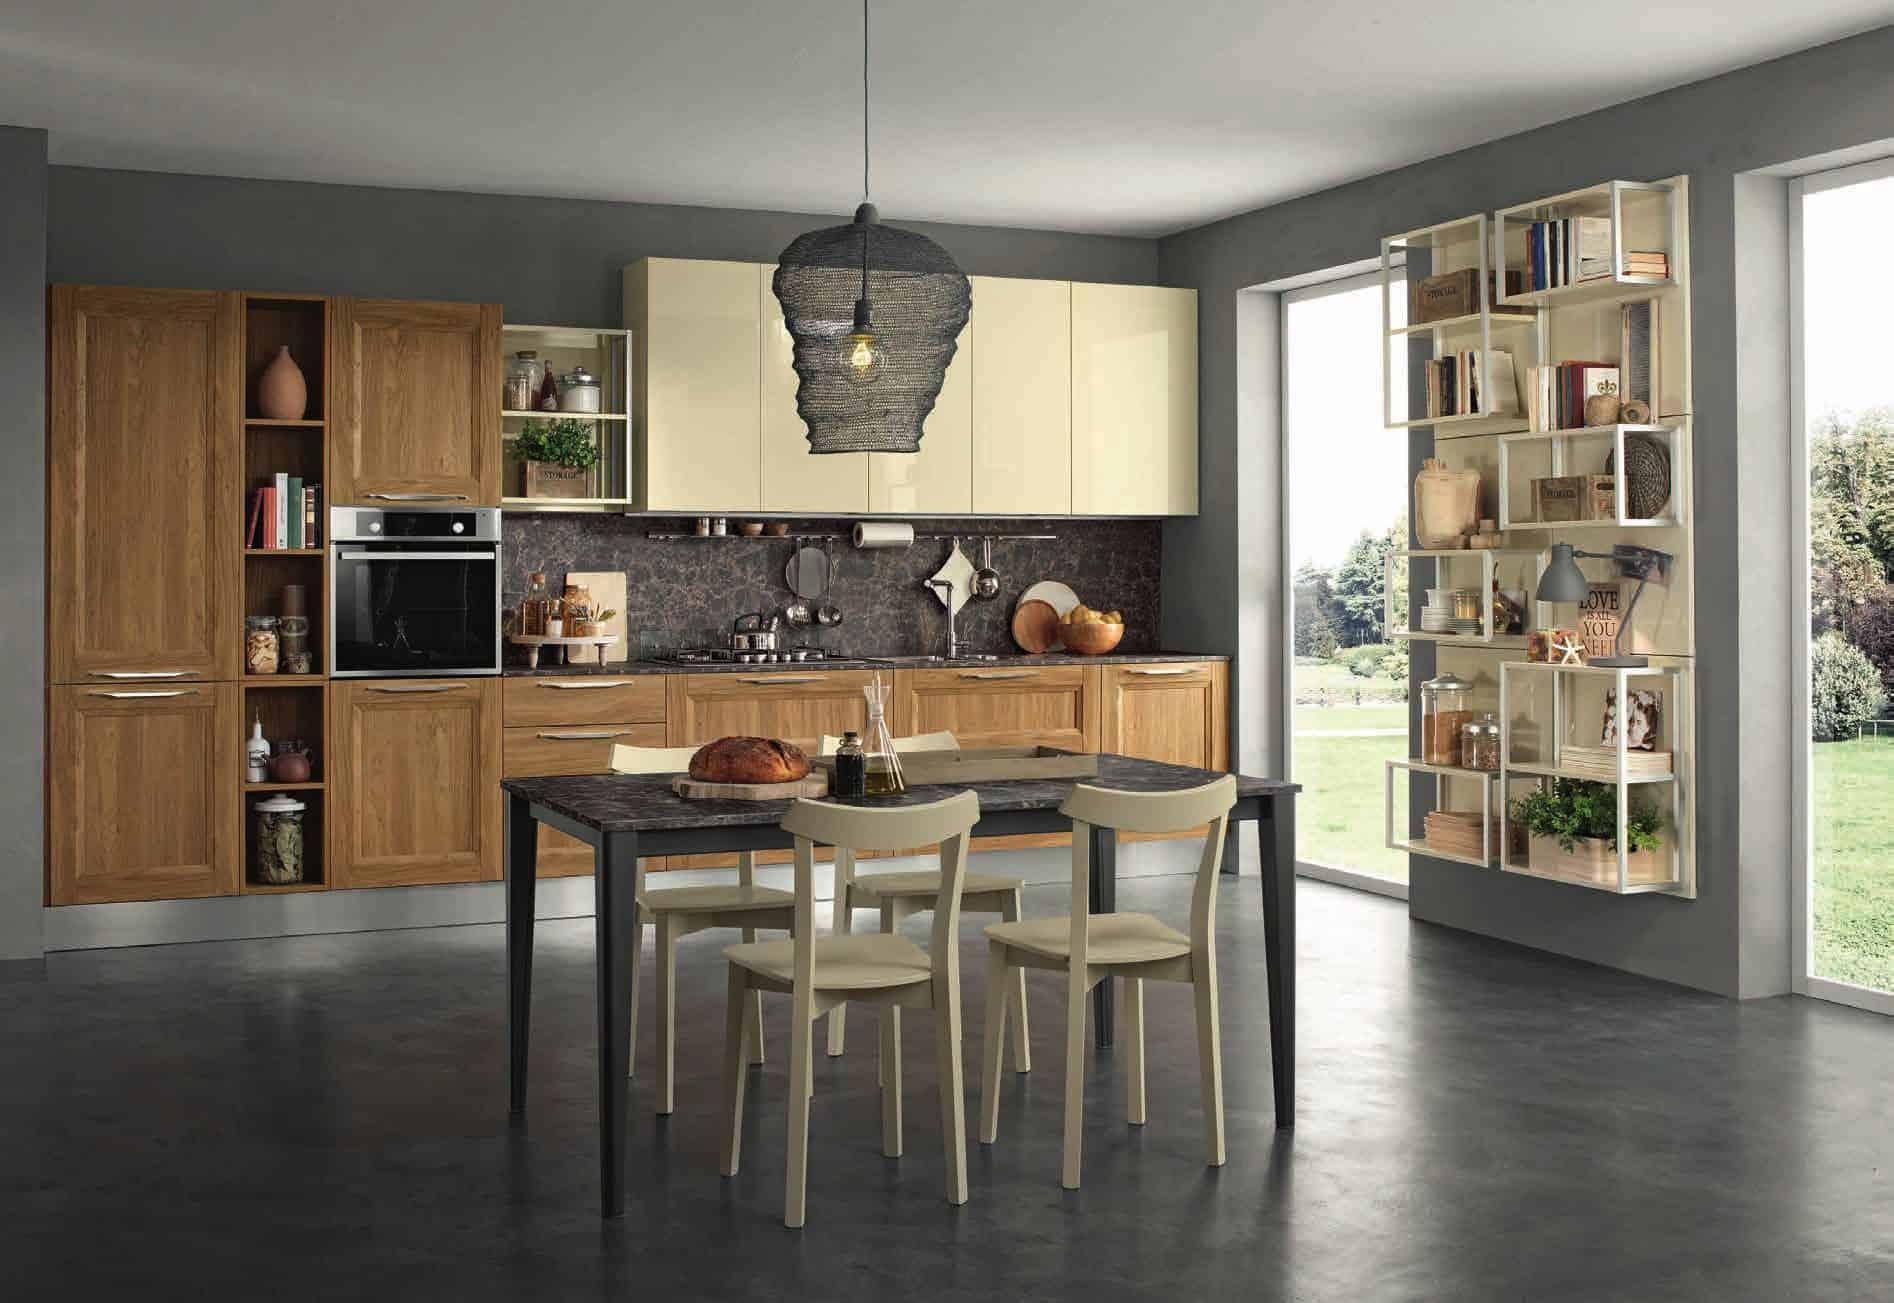 Κουζίνα Lamitex σε καρυδια ξυλο χρωματισμο και γυαλιστερή λακα ιβουαρ με παγκο υφη μαρμαρου